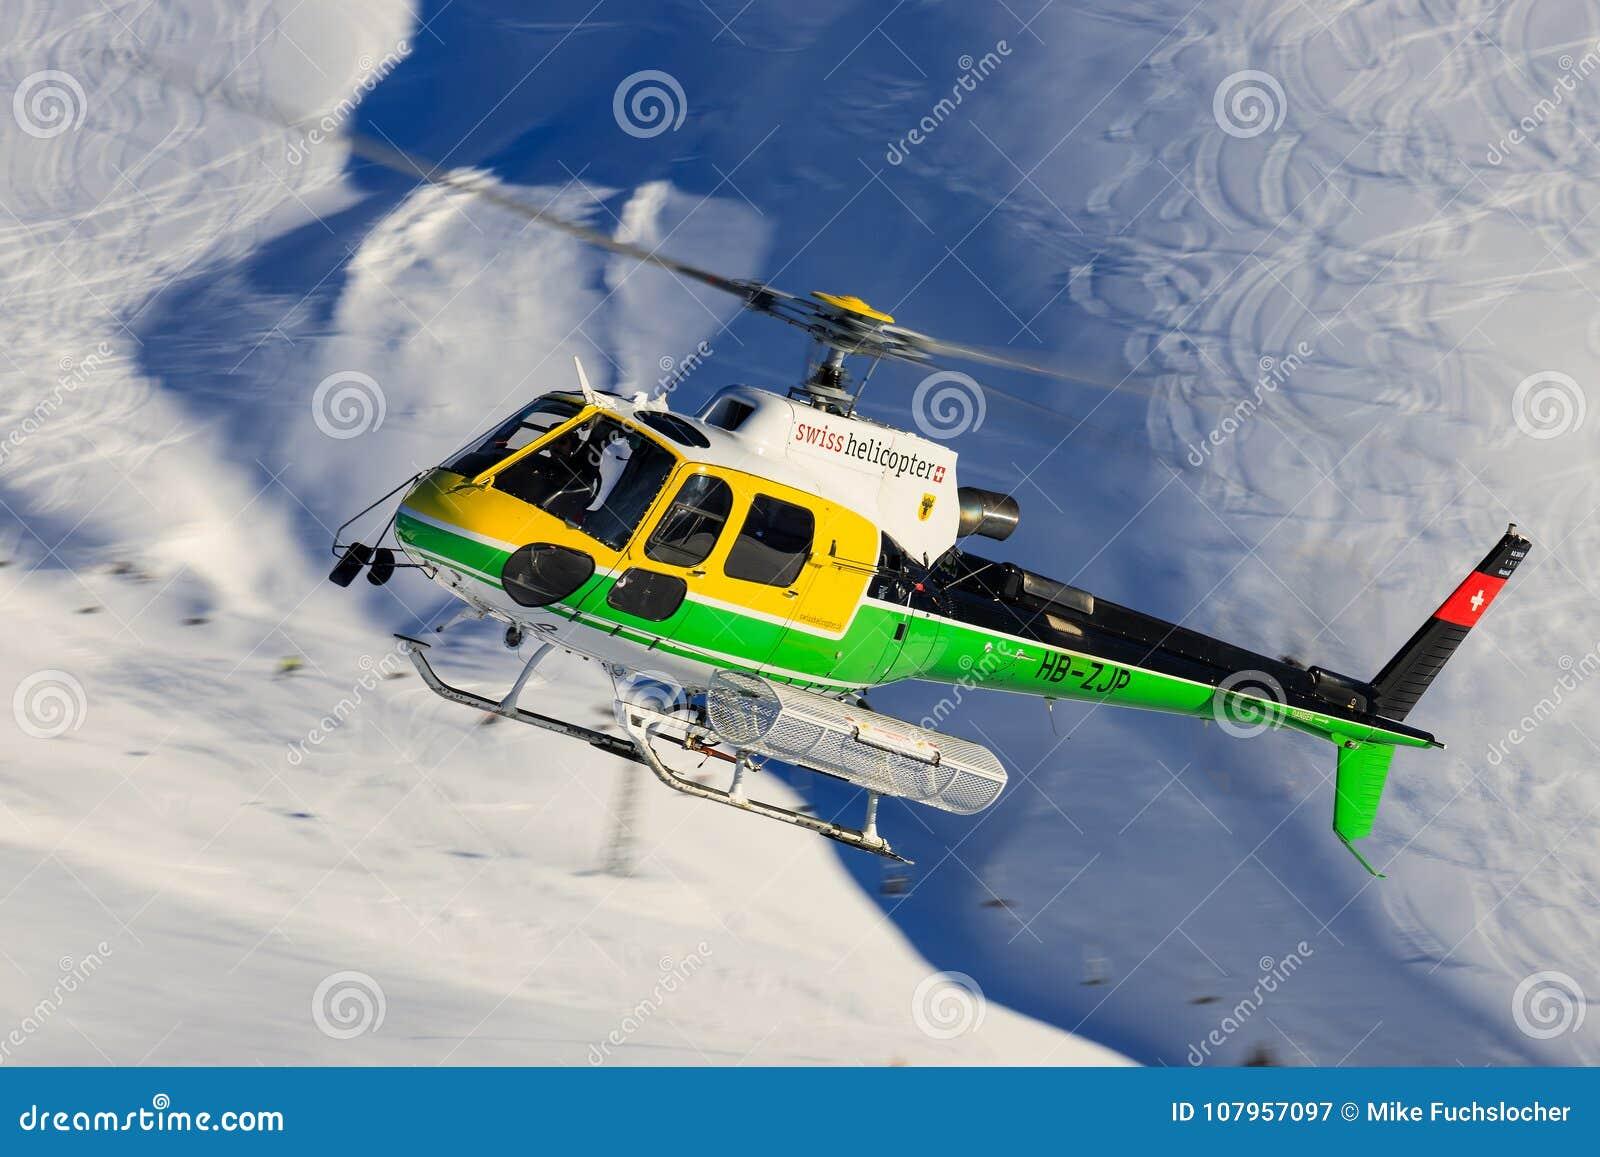 Elicottero B3 : Elicottero dello svizzero di eurocopter as b hb zjp fotografia